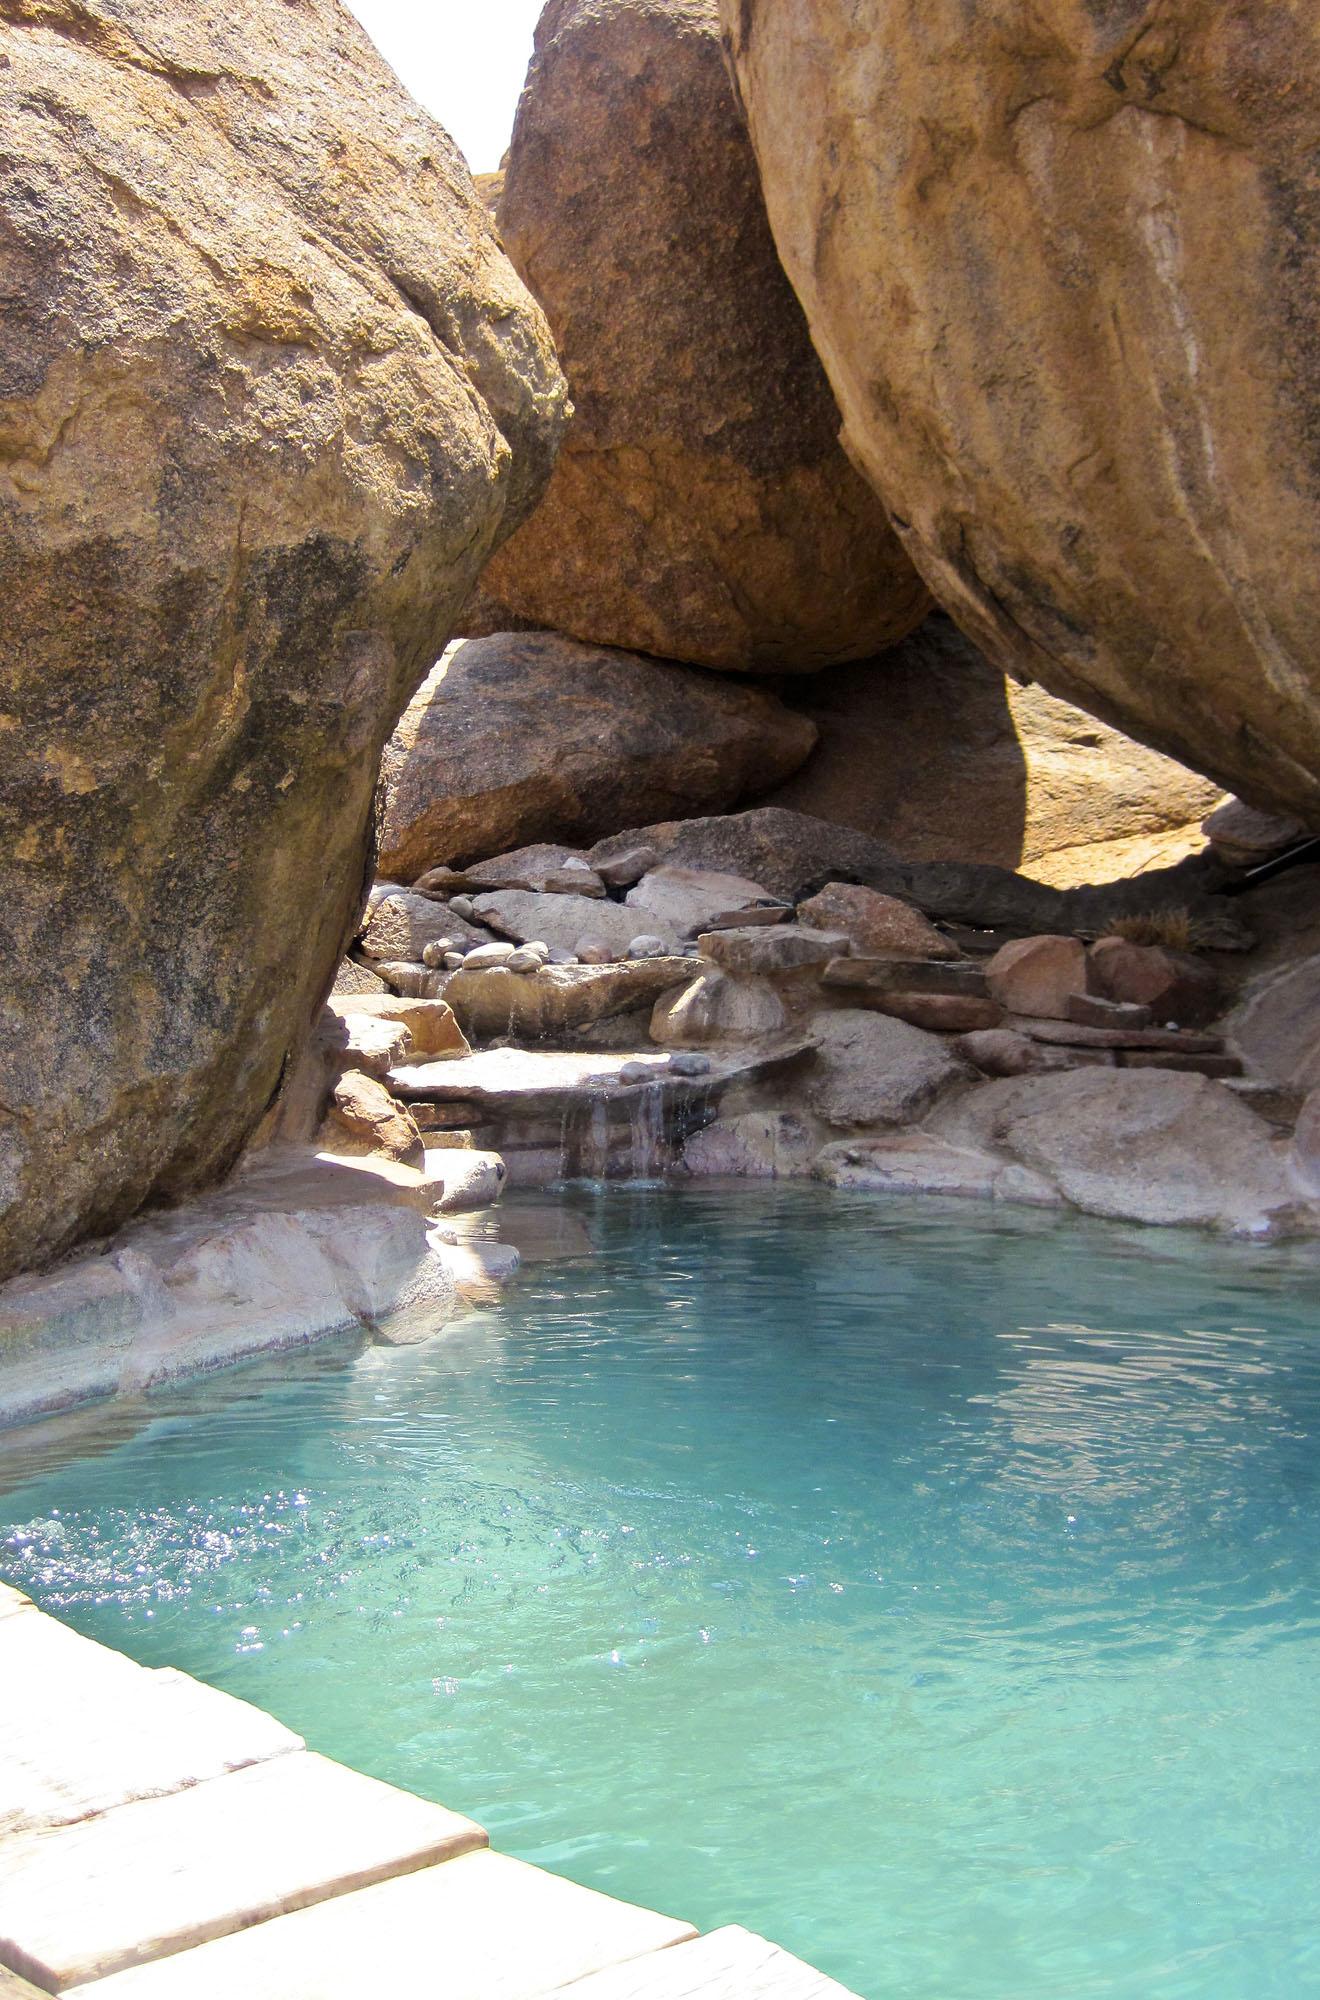 The Rock Pool